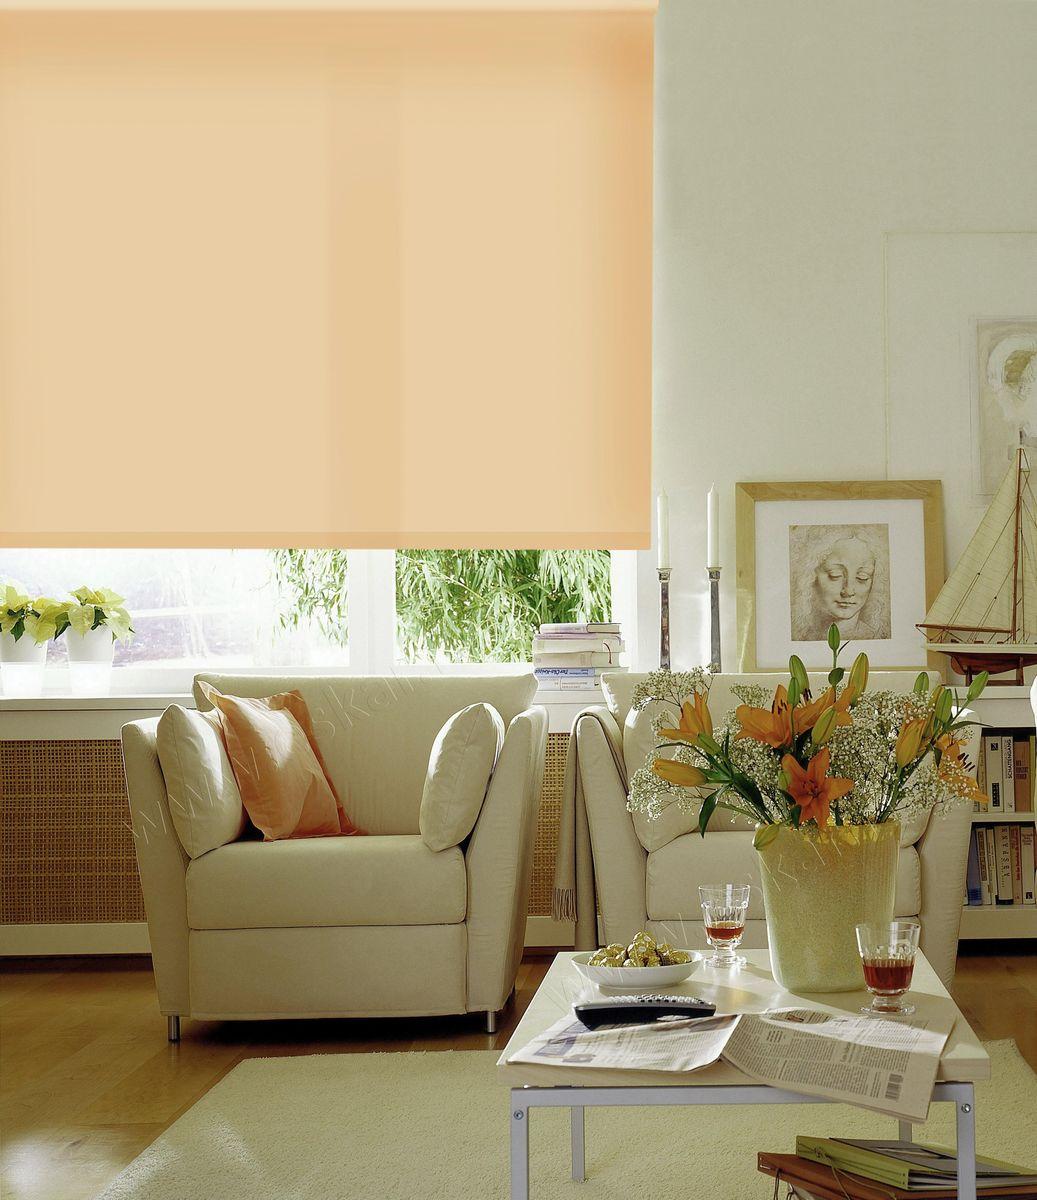 Штора рулонная Эскар, цвет: светло-абрикосовый, ширина 120 см, высота 170 см81112120170Рулонными шторами можно оформлять окна как самостоятельно, так и использовать в комбинации с портьерами. Это поможет предотвратить выгорание дорогой ткани на солнце и соединит функционал рулонных с красотой навесных. Преимущества применения рулонных штор для пластиковых окон: - имеют прекрасный внешний вид: многообразие и фактурность материала изделия отлично смотрятся в любом интерьере; - многофункциональны: есть возможность подобрать шторы способные эффективно защитить комнату от солнца, при этом о на не будет слишком темной. - Есть возможность осуществить быстрый монтаж. ВНИМАНИЕ! Размеры ширины изделия указаны по ширине ткани! Во время эксплуатации не рекомендуется полностью разматывать рулон, чтобы не оторвать ткань от намоточного вала. В случае загрязнения поверхности ткани, чистку шторы проводят одним из способов, в зависимости от типа загрязнения: легкое поверхностное загрязнение можно удалить при помощи...